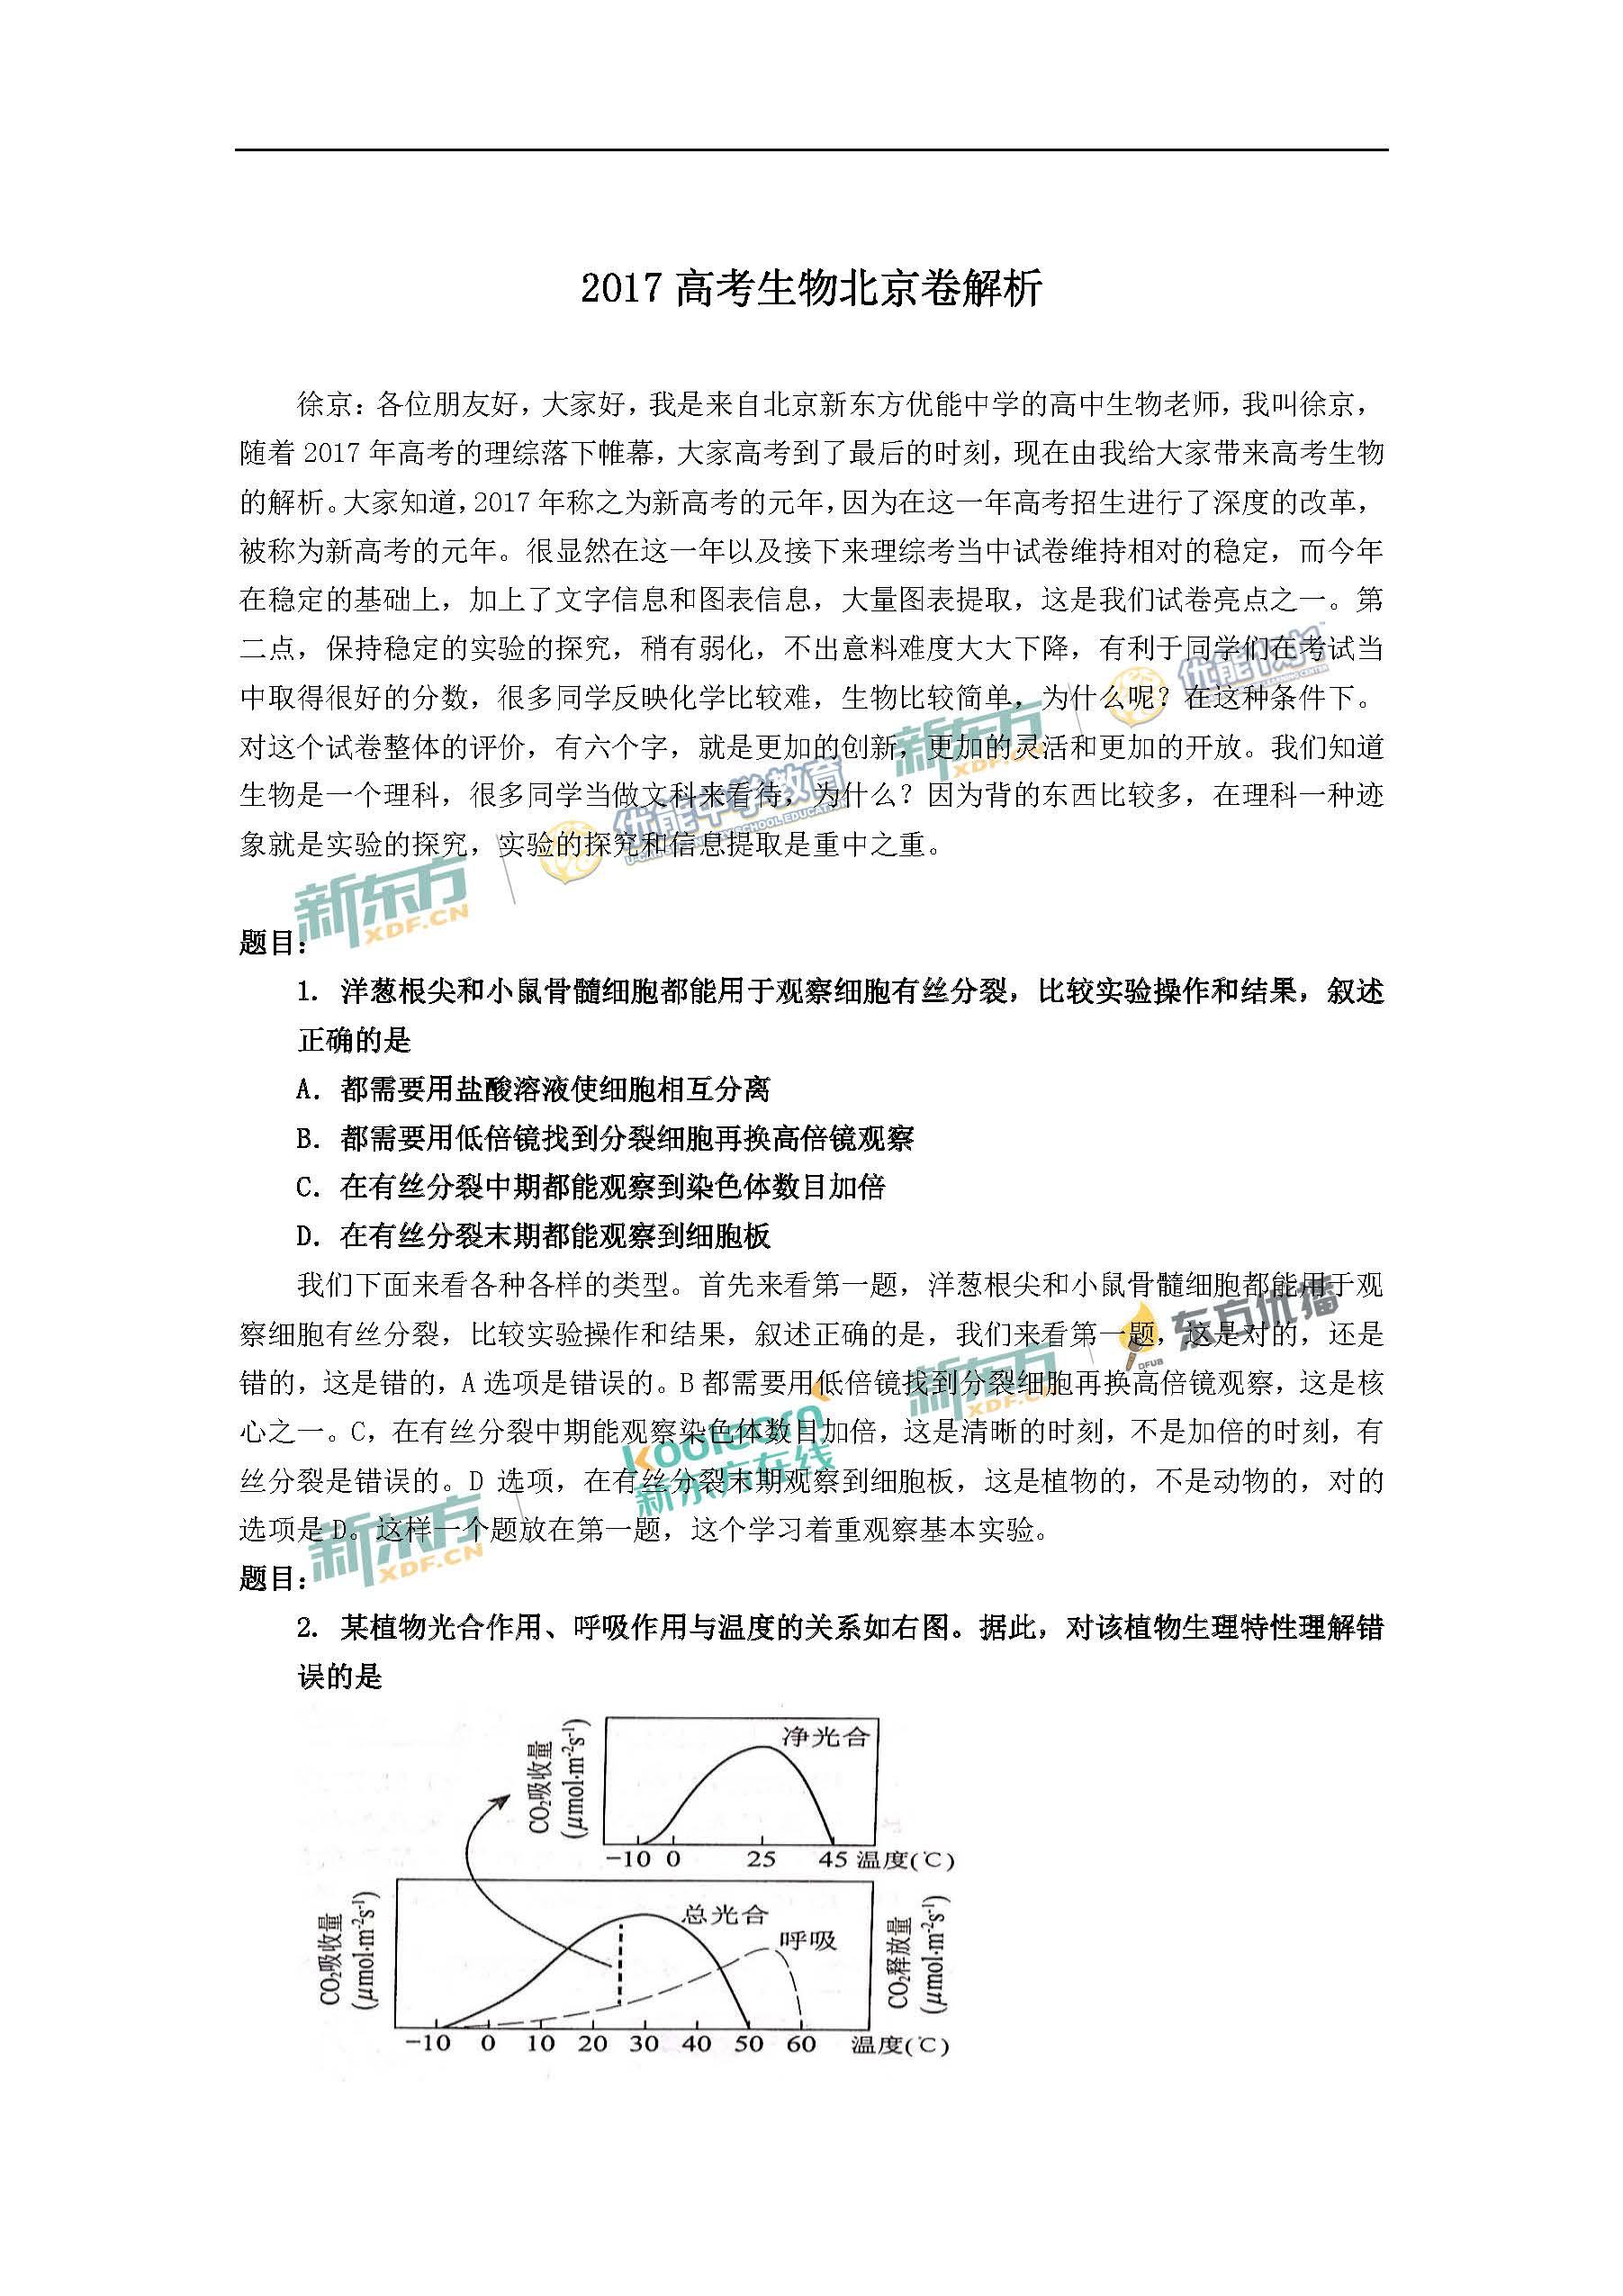 徐京权威解析2017高考生物试题答案(视频)